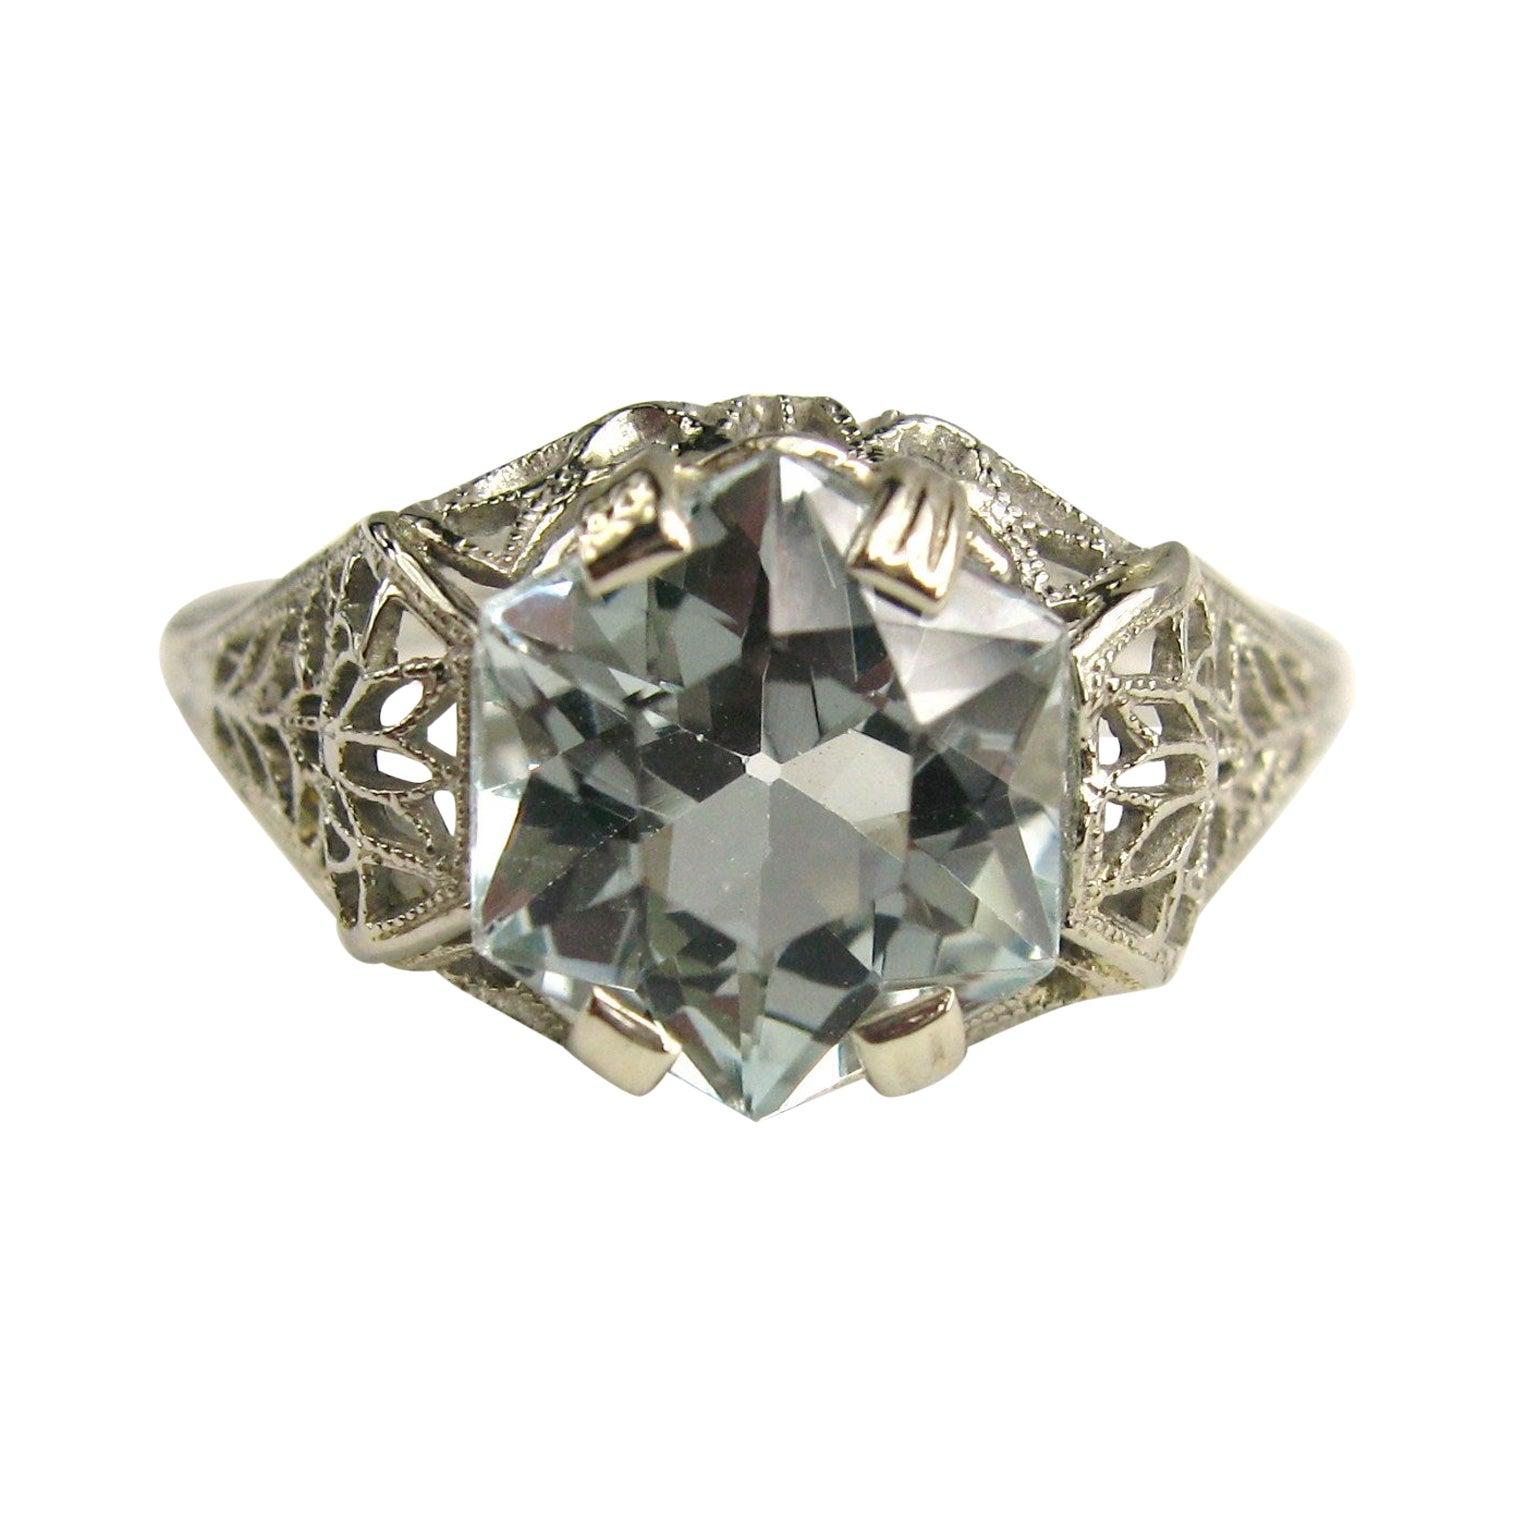 14 Karat Aquamarine Ring Art Deco European Cut, 1920s